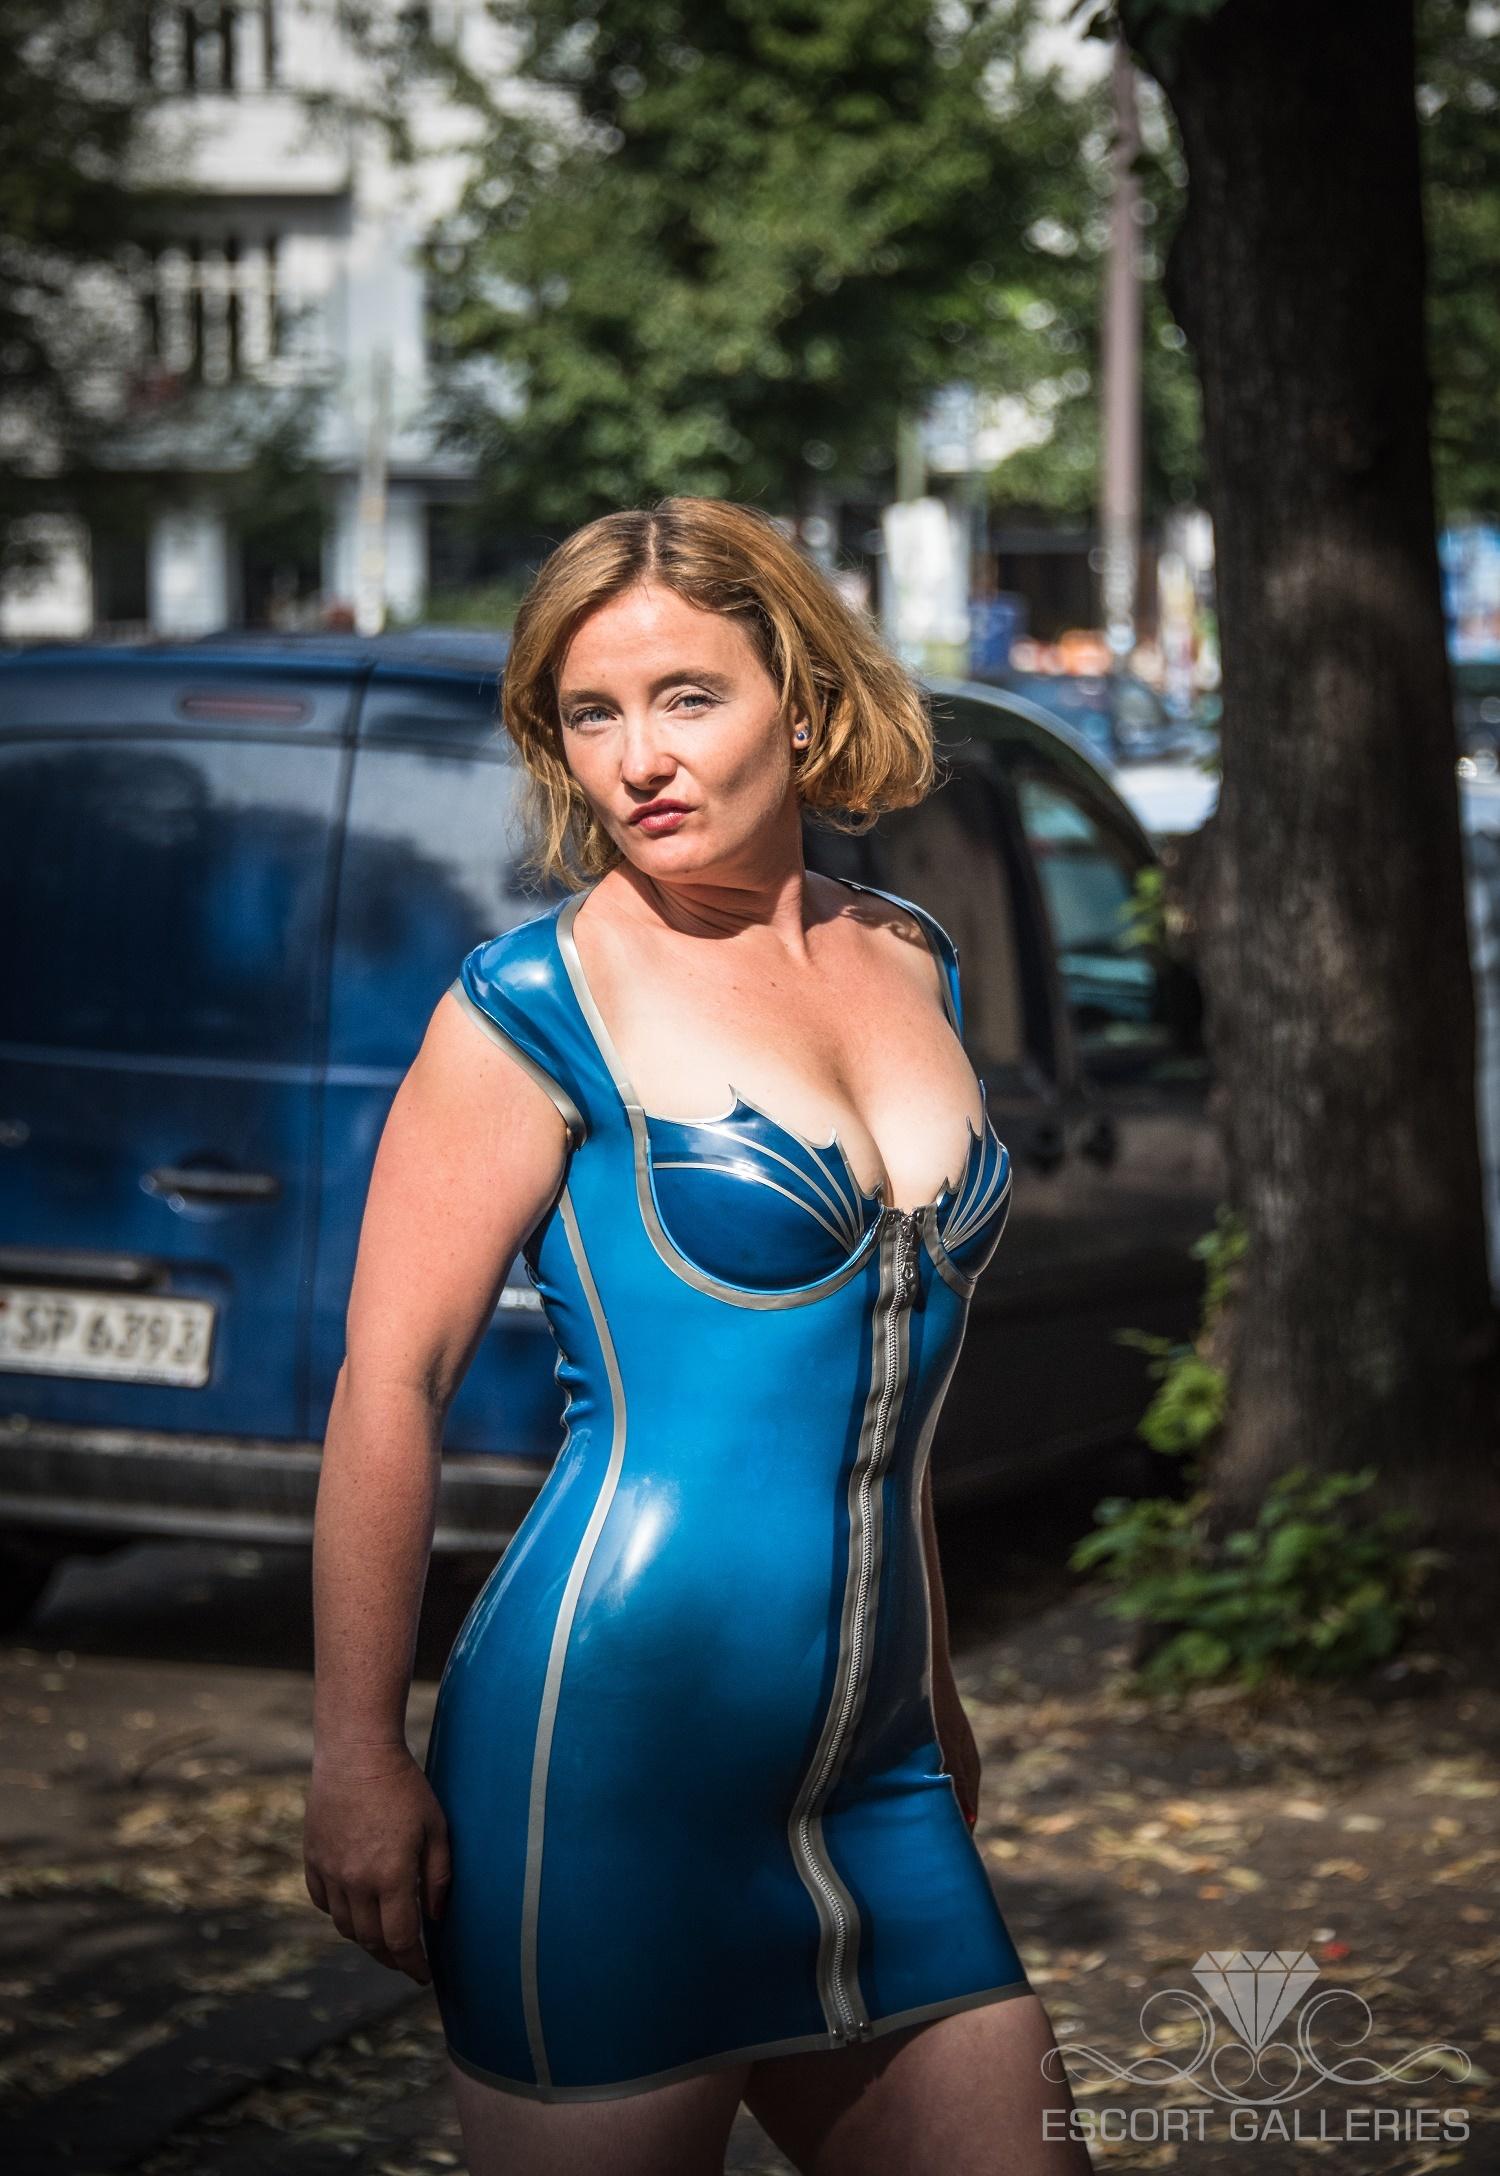 Mademoiselle rubin 37 escort bizarre dame in berlin for Ruby berlin